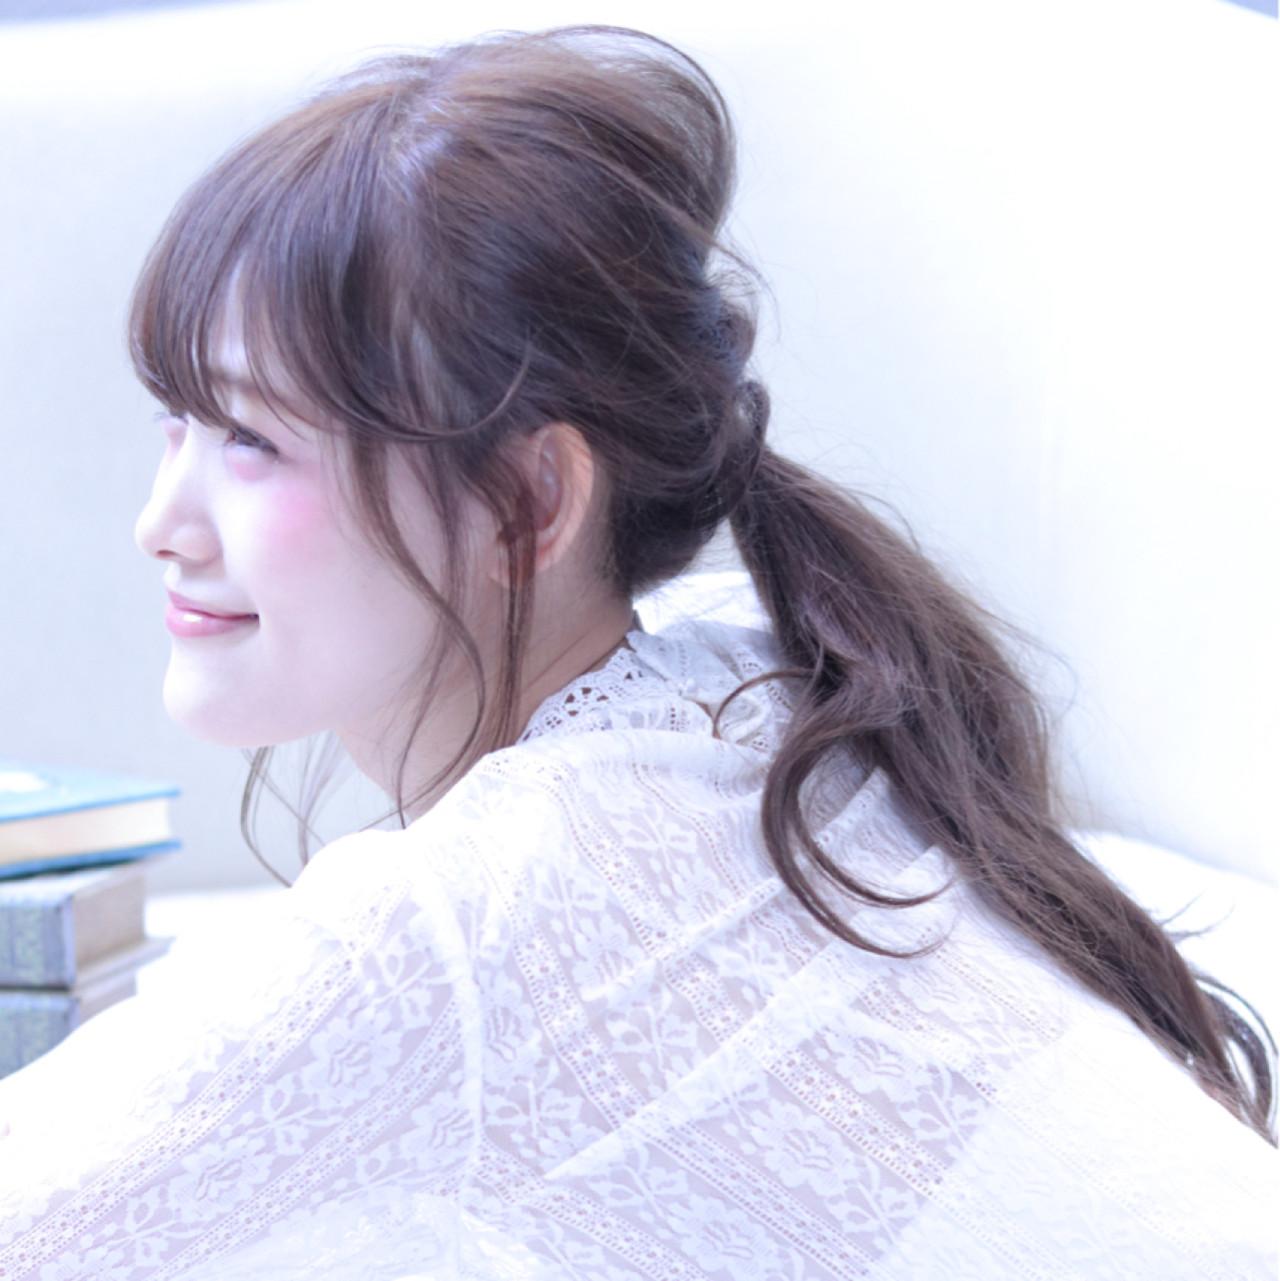 こなれ感 小顔 ロング ヘアアレンジ ヘアスタイルや髪型の写真・画像 | Wataru Maeda / cache cache